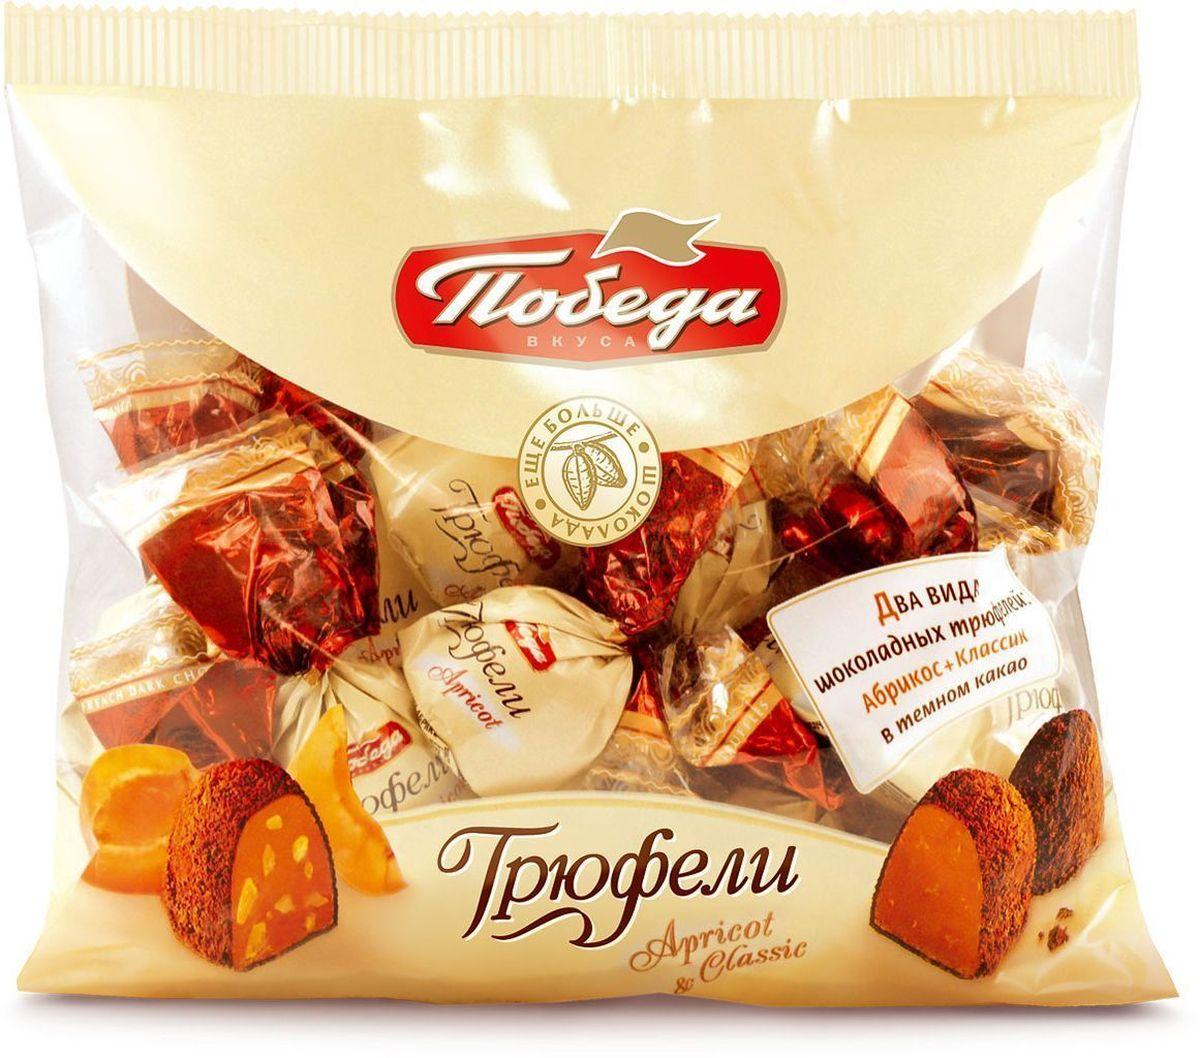 Победа вкуса Трюфели Абрикос и Классик два вида шоколадных трюфелей в темном какао, 200 г0120710Трюфели Победа вкуса - два вида мягких трюфельных начинок: классическая шоколадно-сливочная, с кусочками абрикоса. Трюфели Победа вкуса, посыпанные ароматным темным какао - совершенное наслаждение для любителей шоколада.